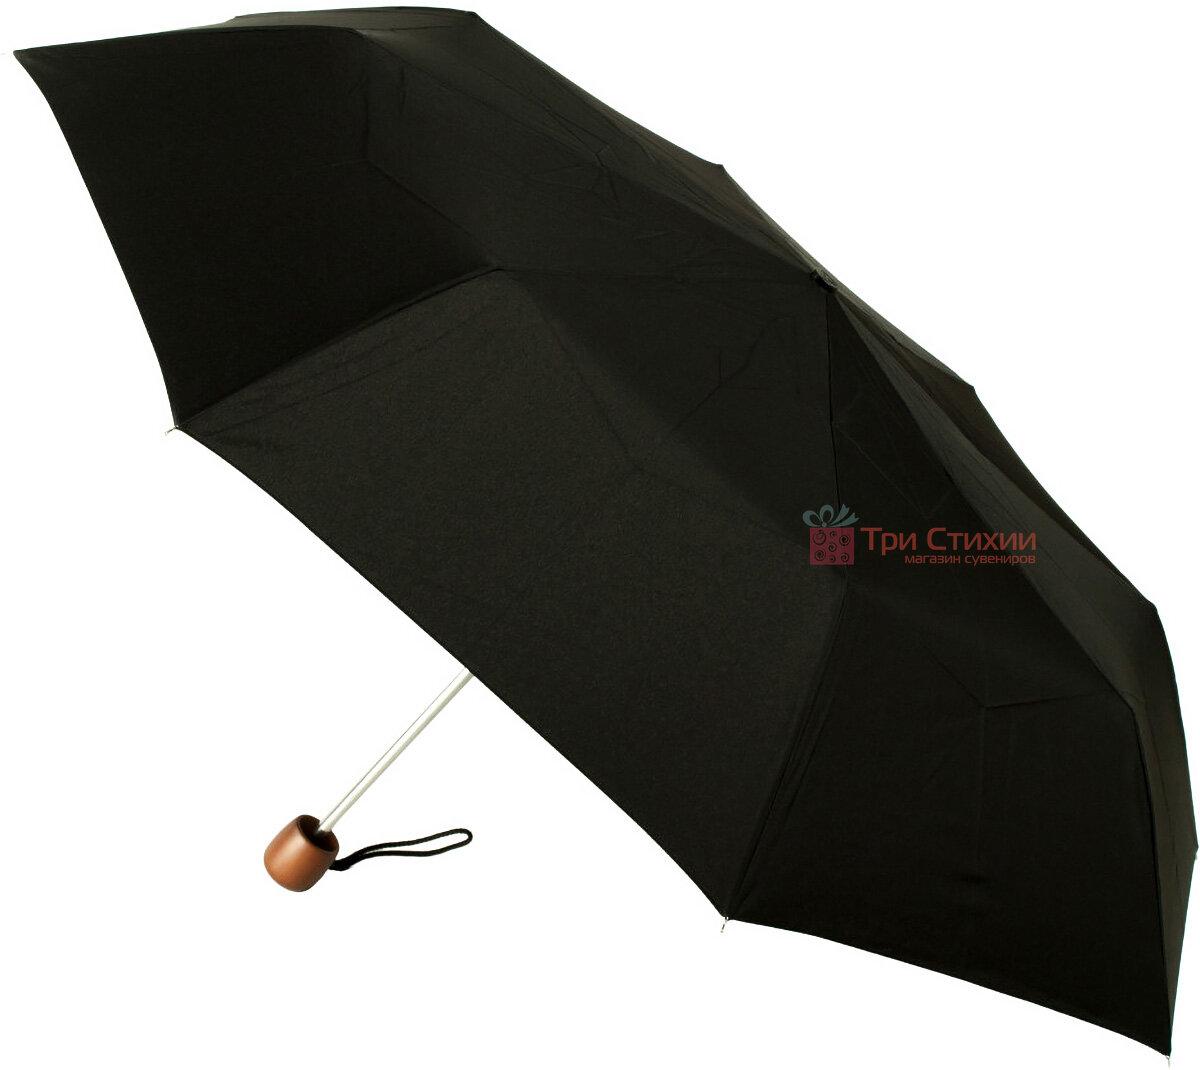 Зонт складной Fulton Stowaway Deluxe-1 L449 механический Черный (L449-000274), фото